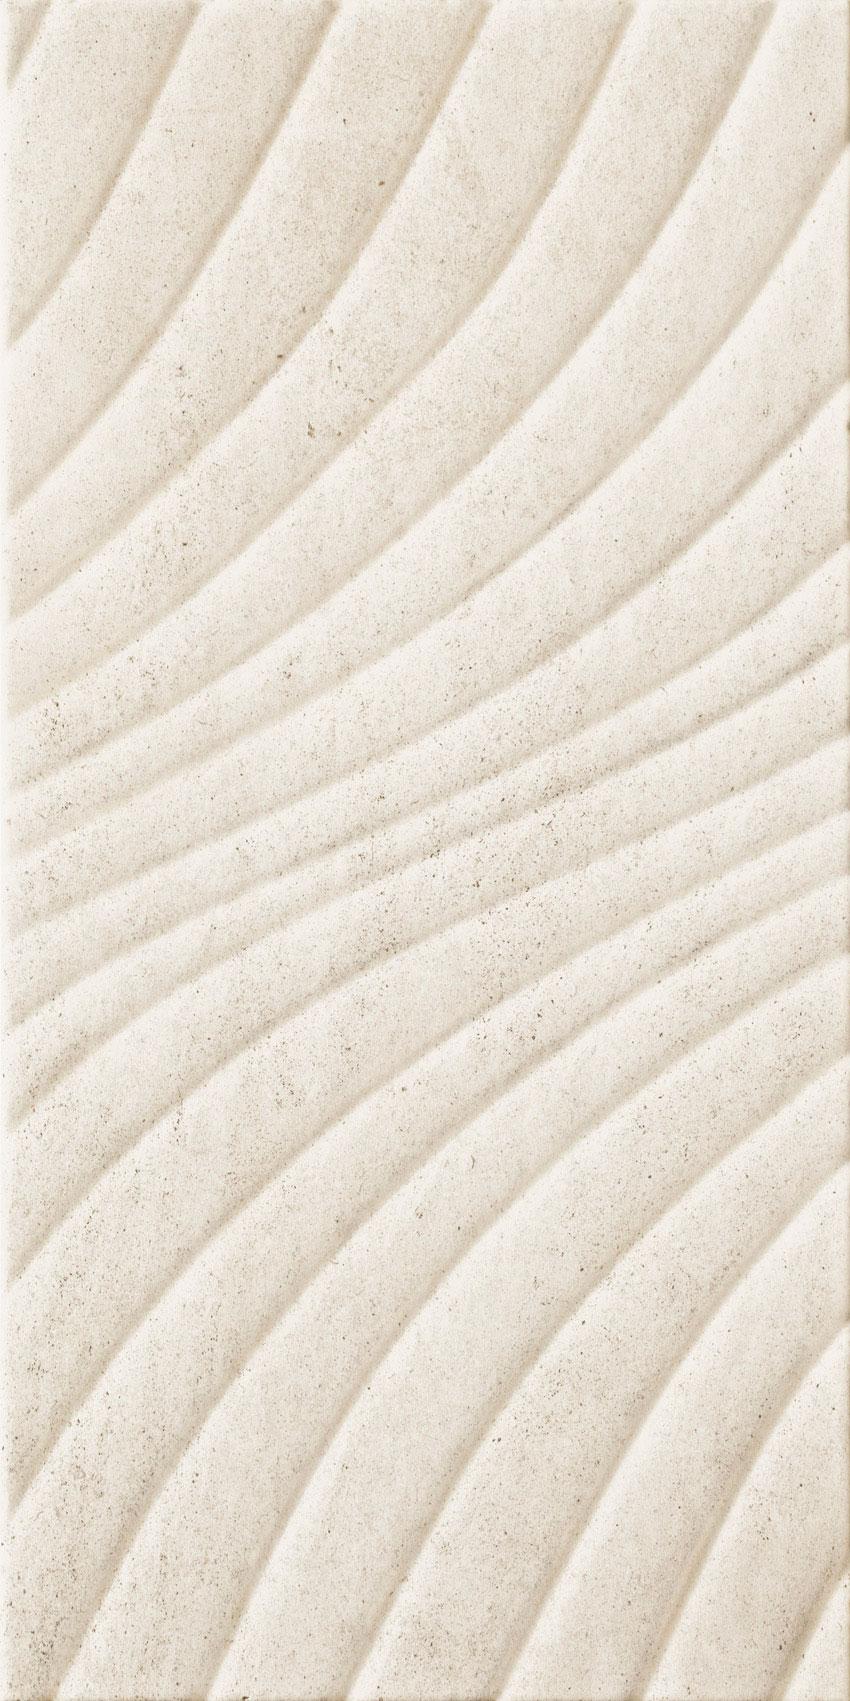 Настенная плитка Ceramika Paradyz Emilly Beige struktura 30x60 (1,44) бордюр paradyz emilly milio sepia 2 3x60